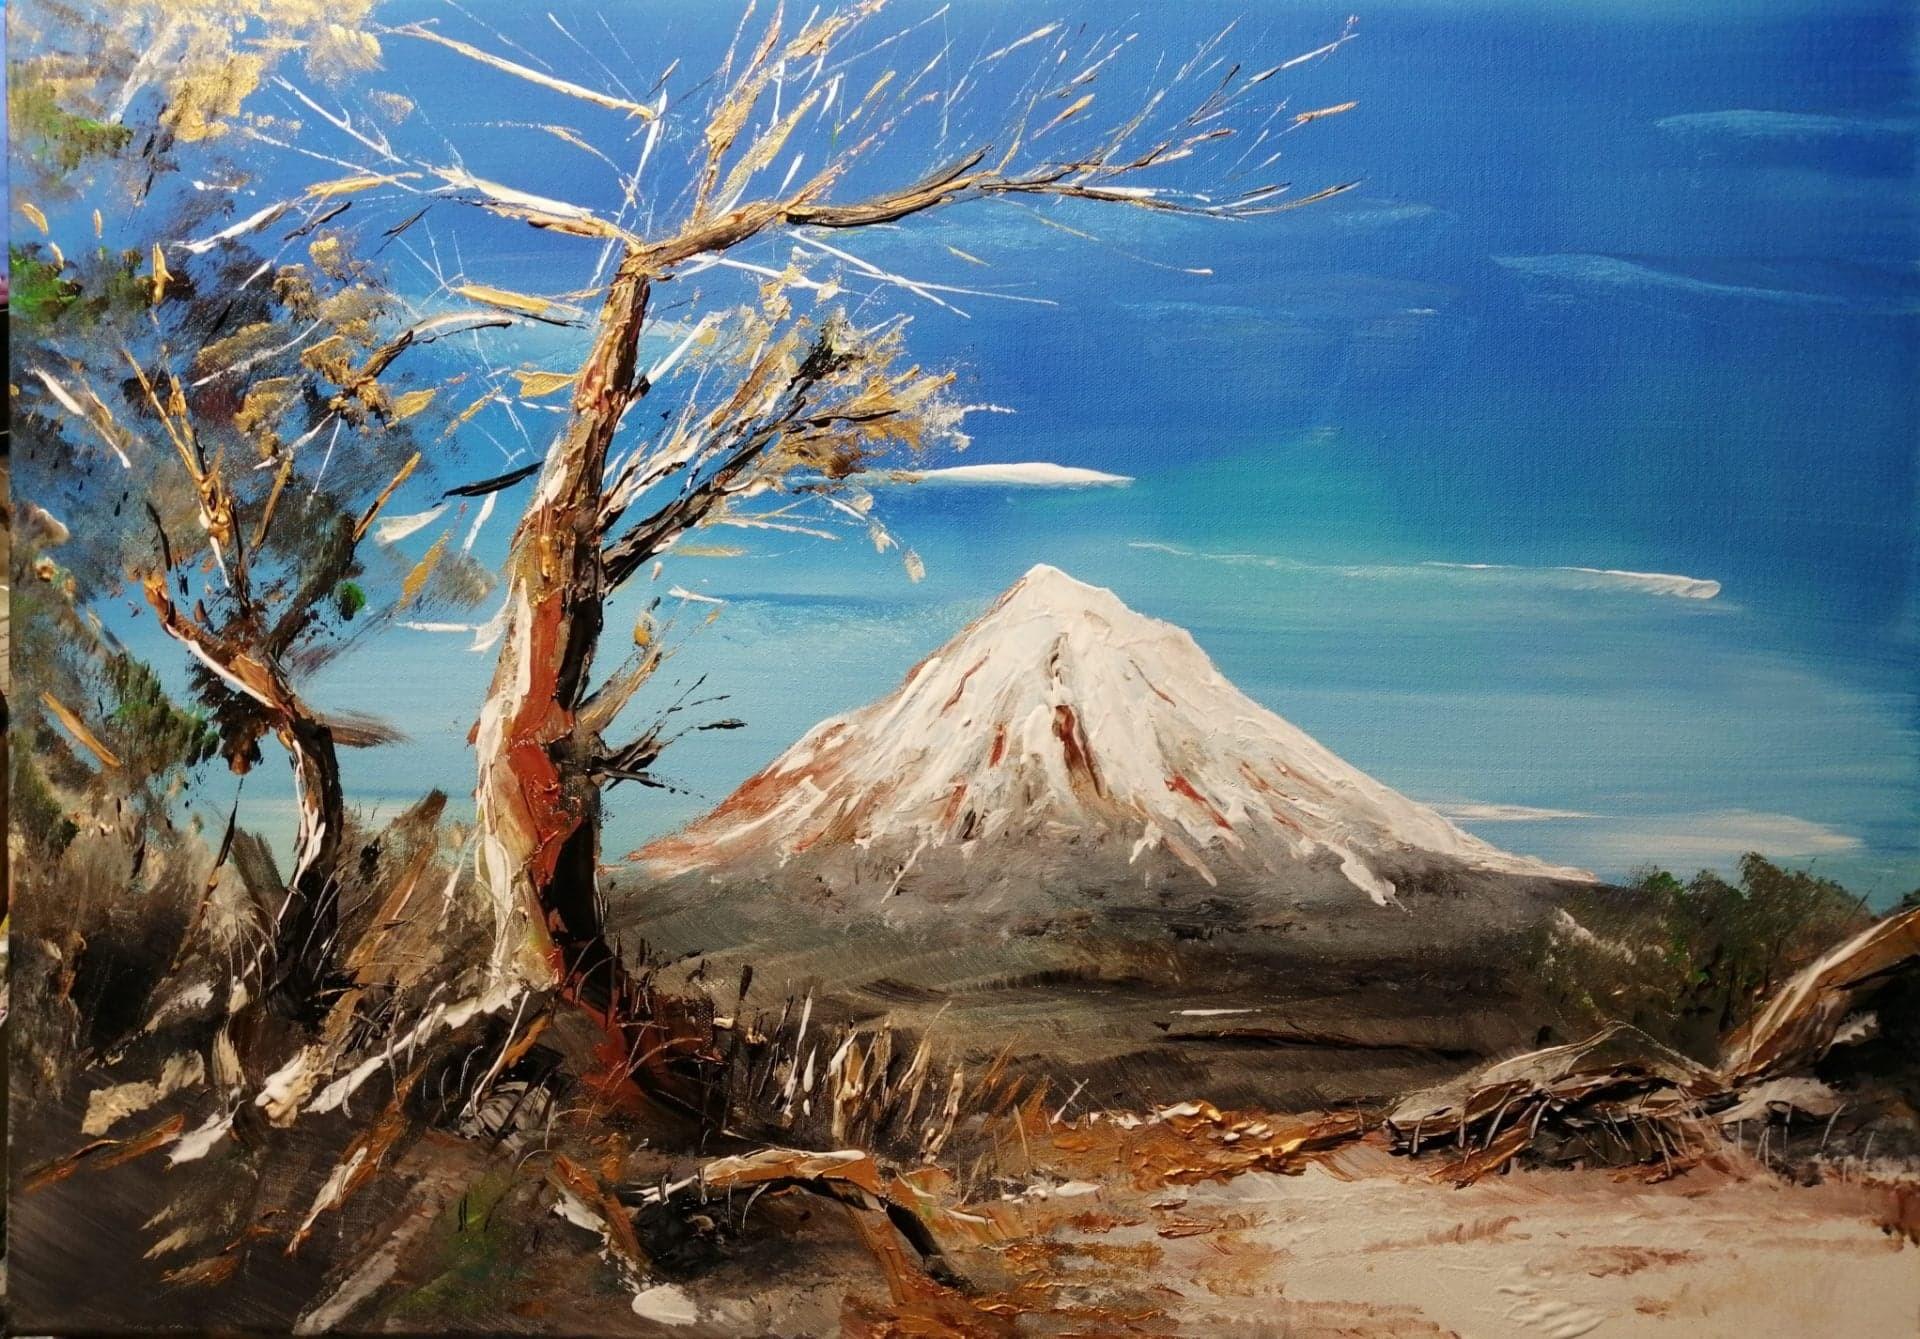 Mont shasta en californie 50 x 70 cm